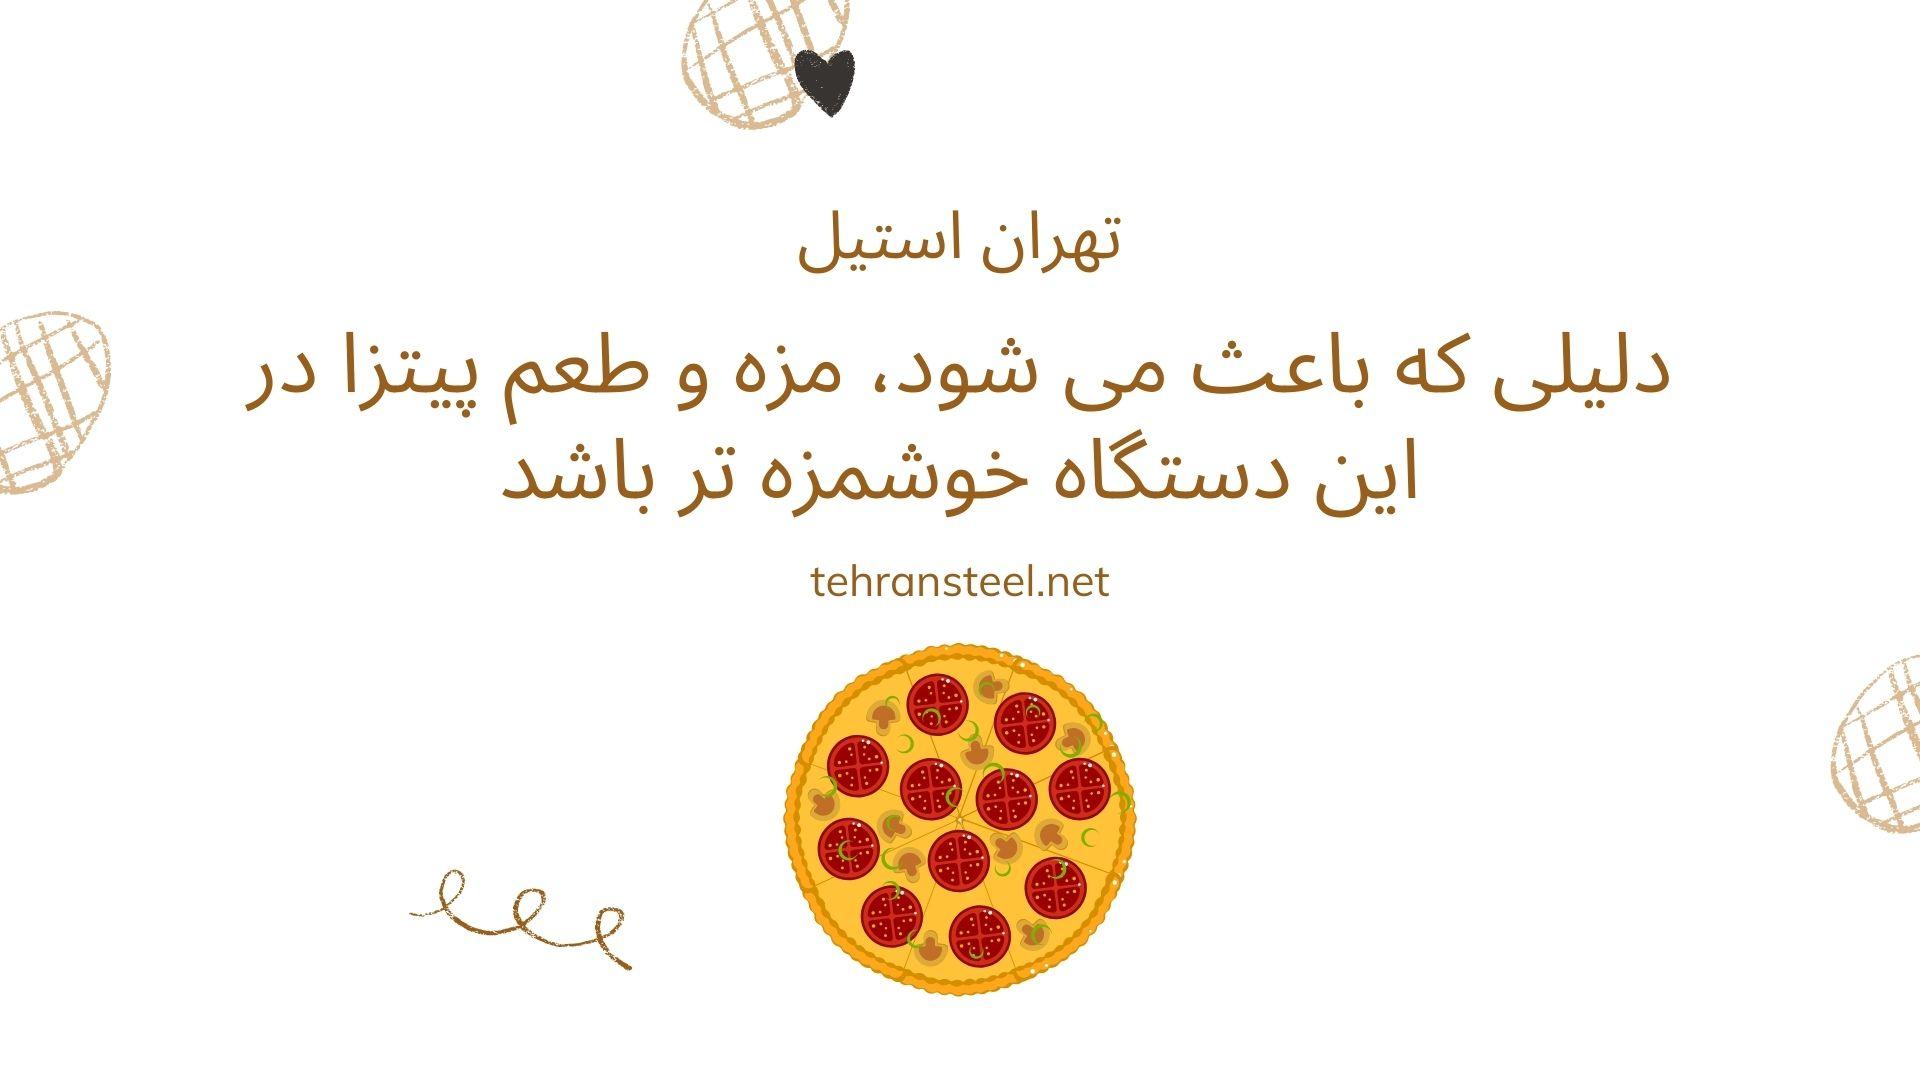 دلیلی که باعث می شود، مزه و طعم پیتزا در این دستگاه خوشمزه تر باشد